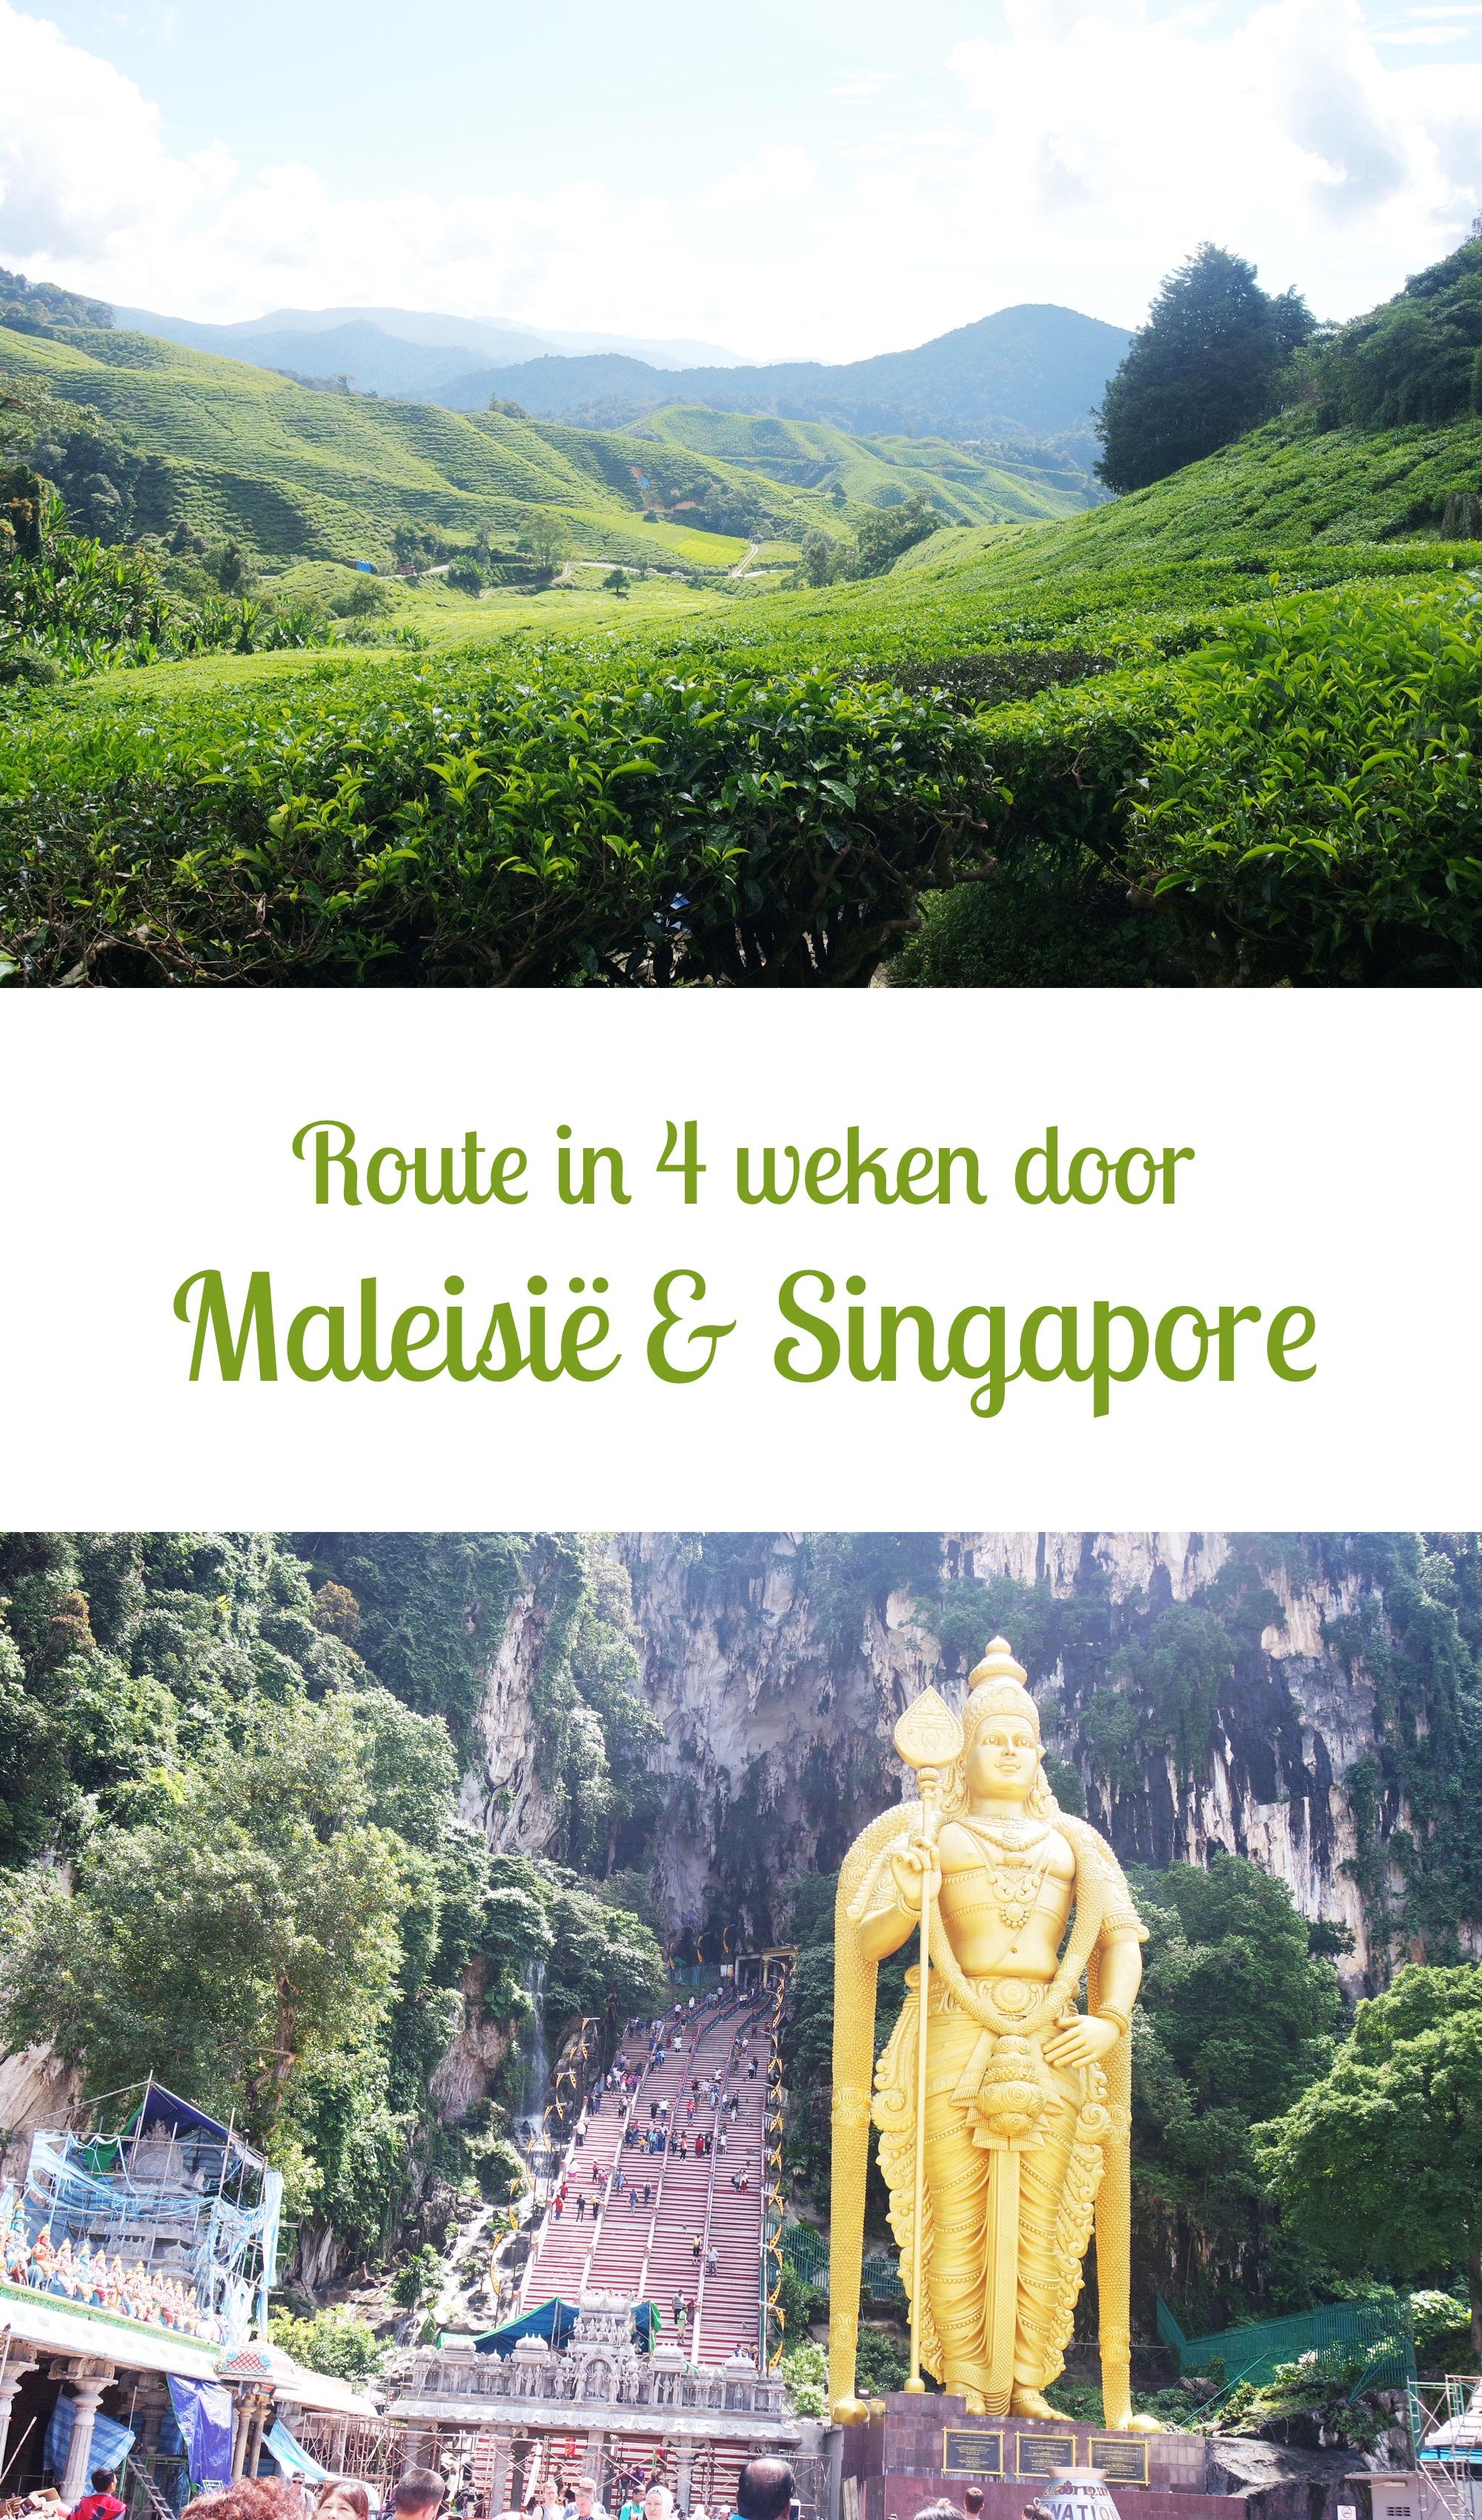 Route in 4 weken door Maleisië & Singapore